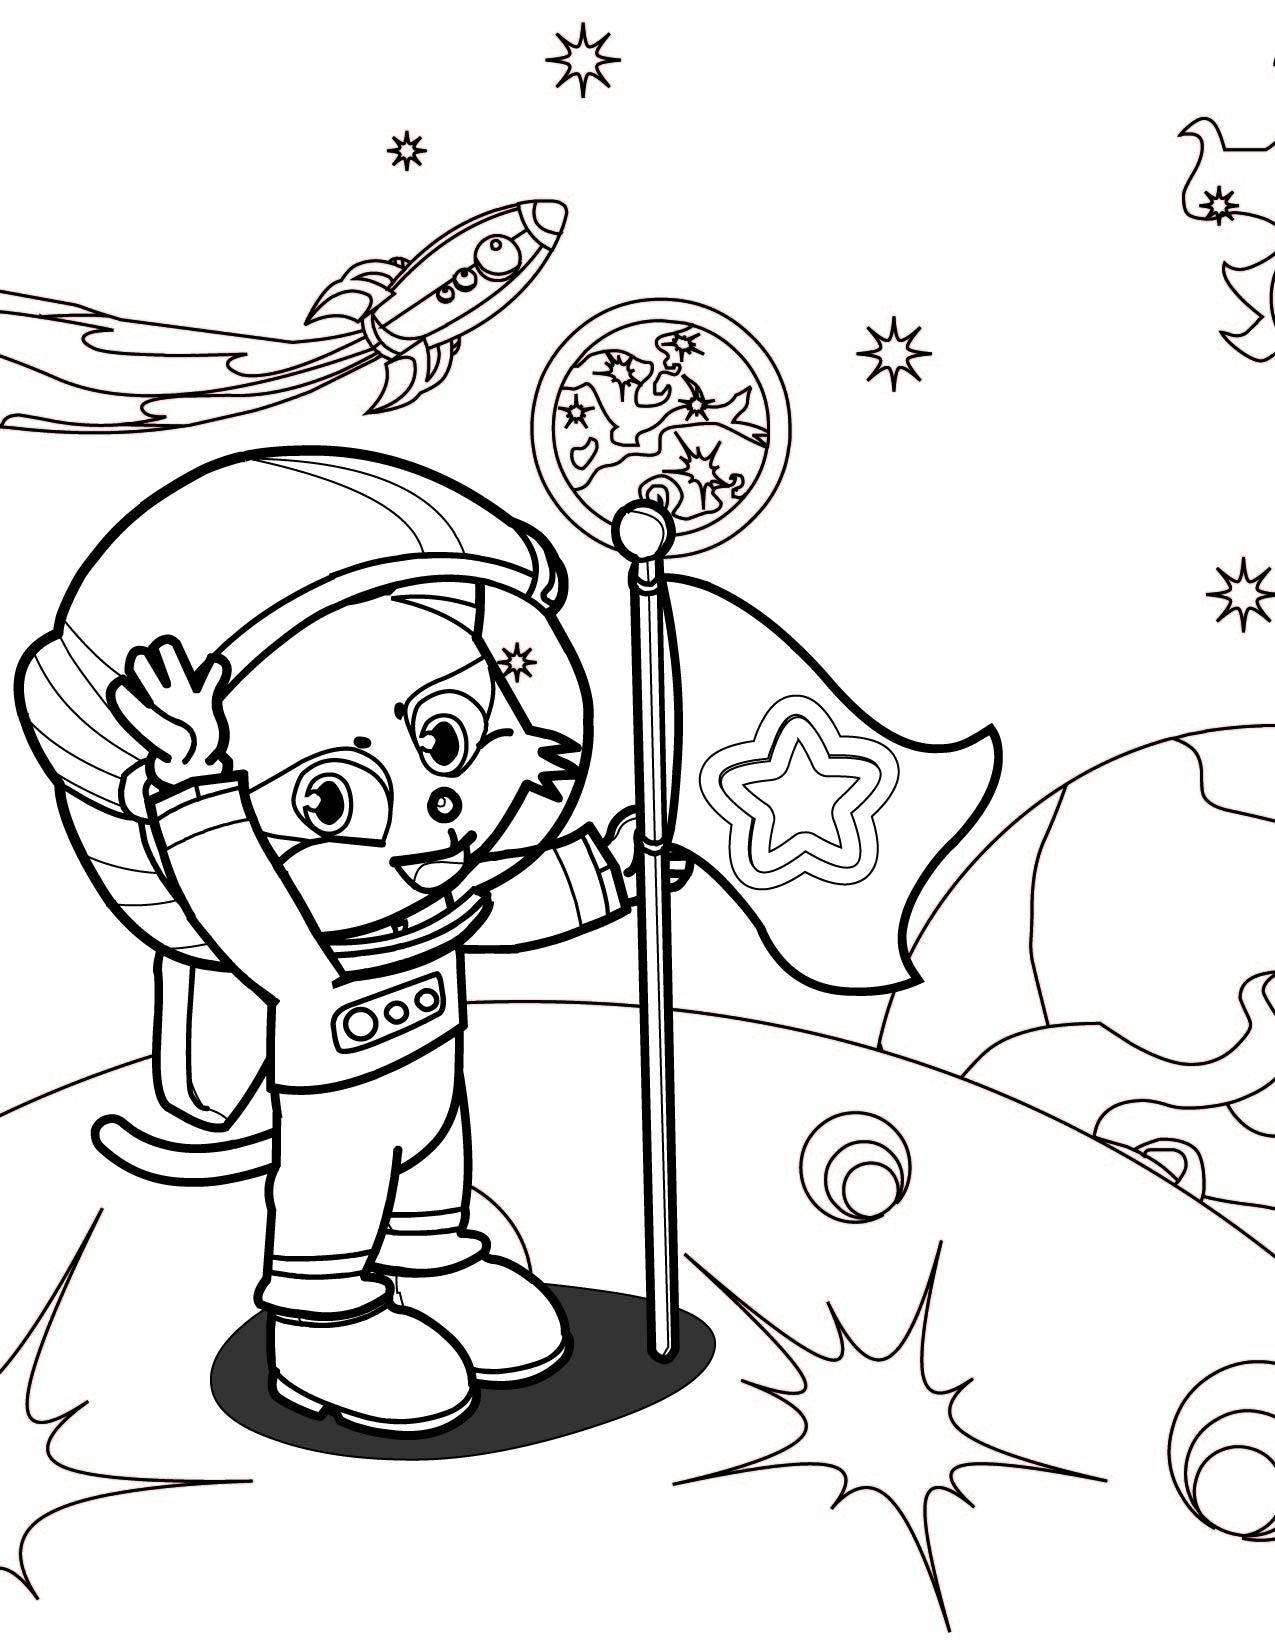 Coloriage Astronaute À Imprimer Sur Coloriages avec Coloriage Astronaute